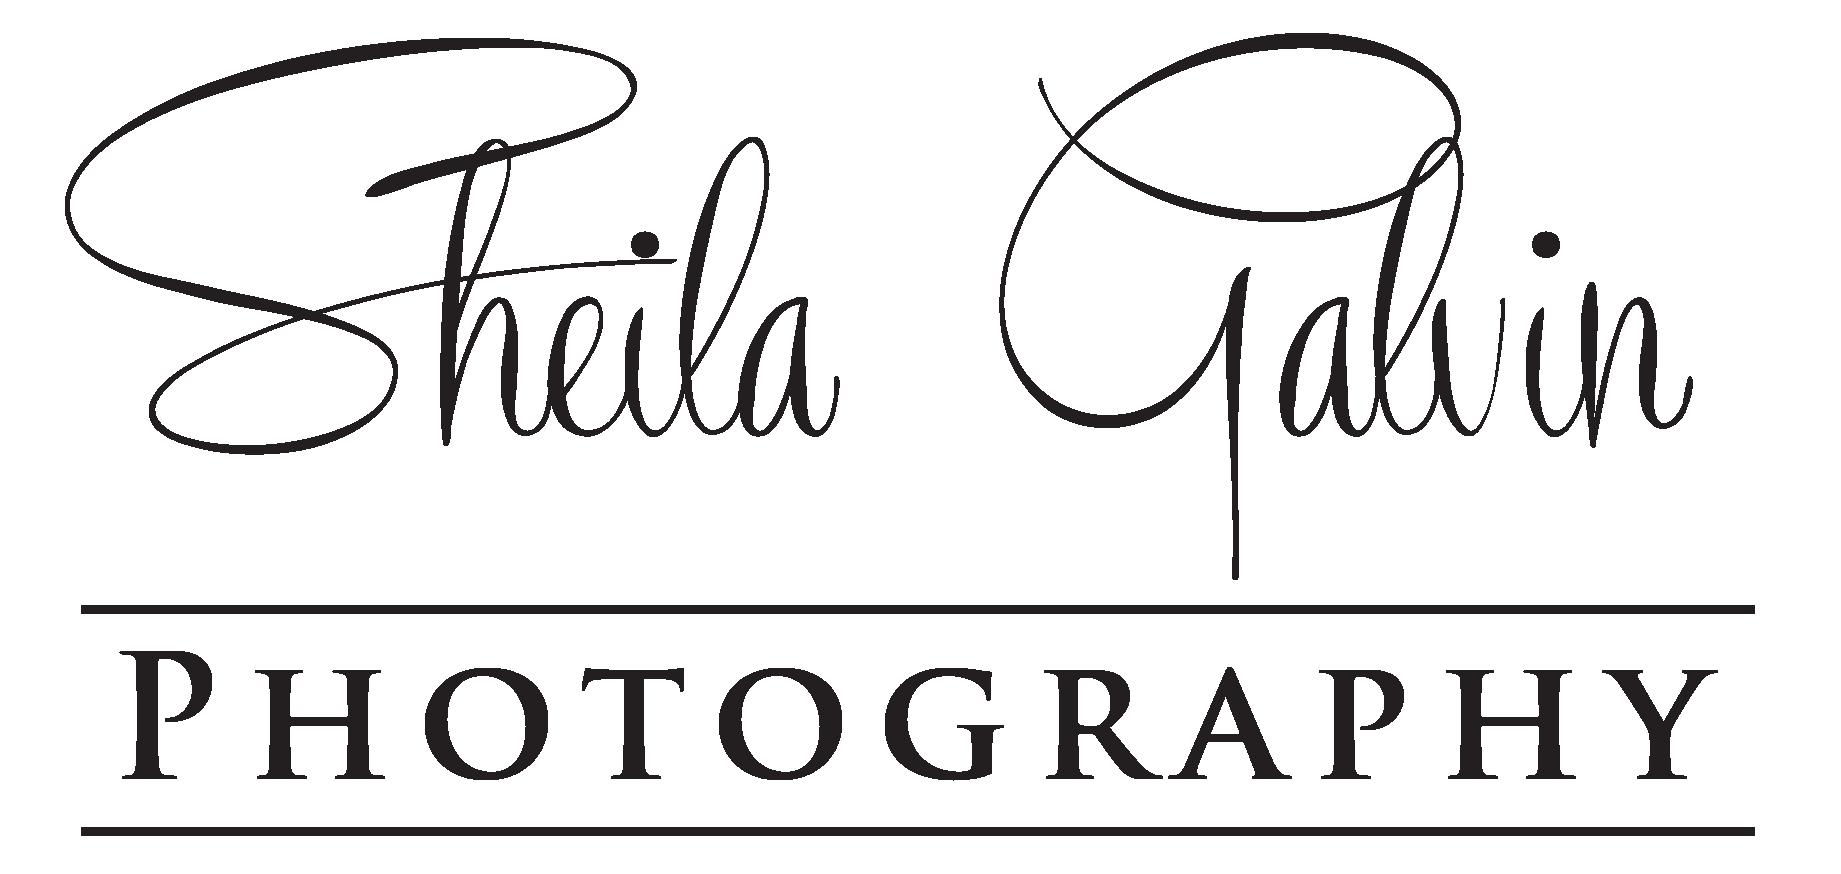 Sheila Galvin Photography